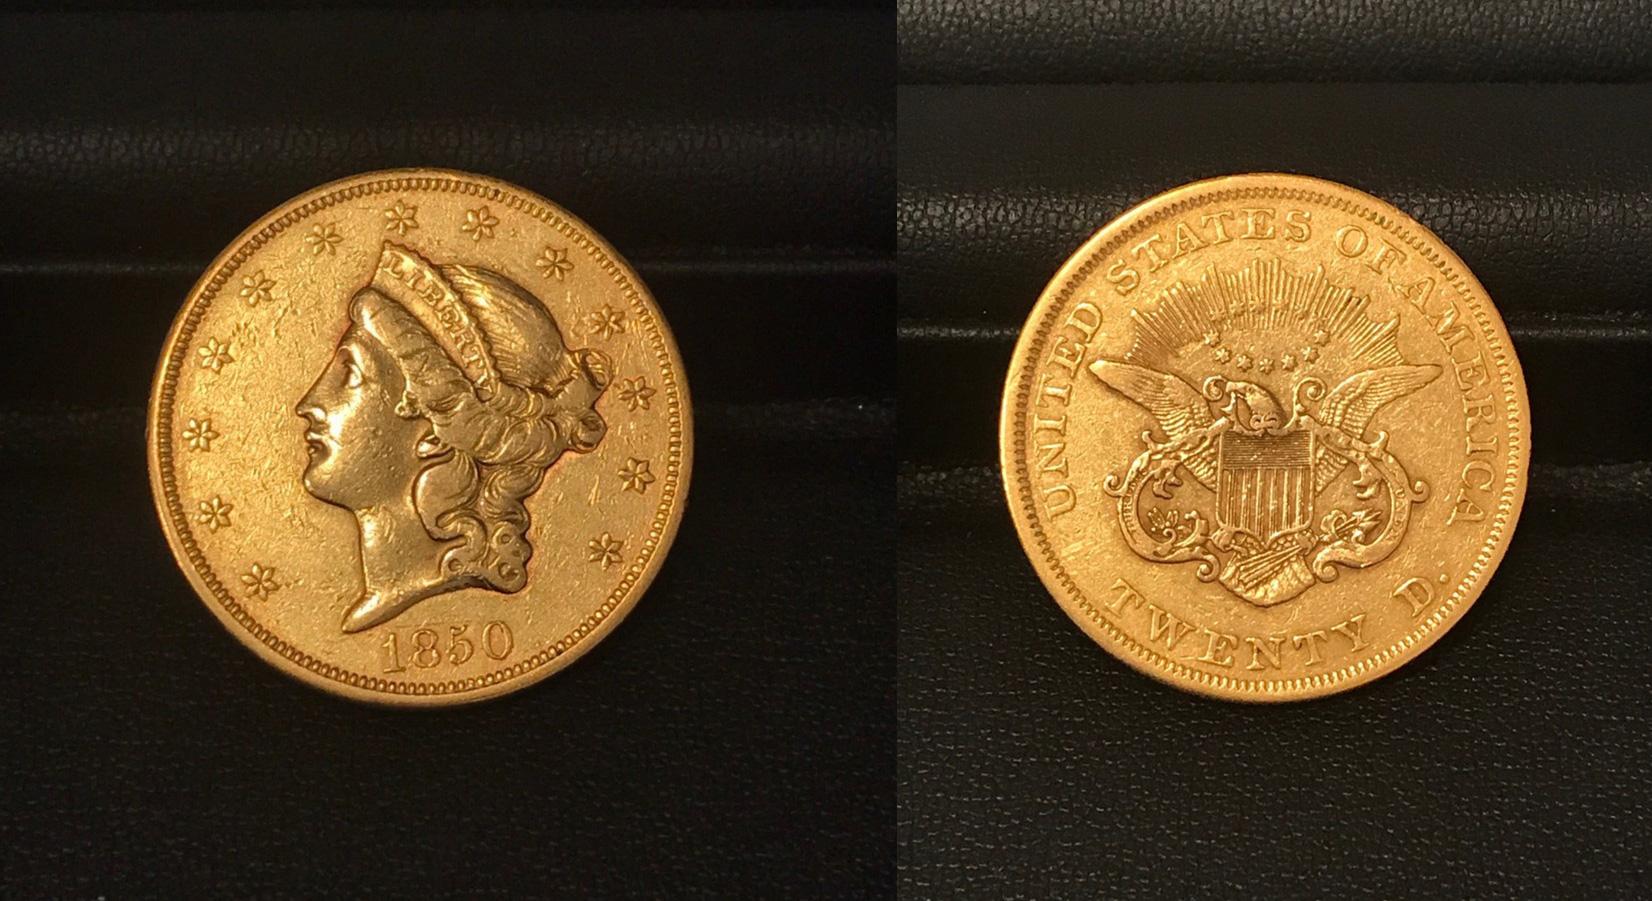 リバティヘッド20ドル金貨画像